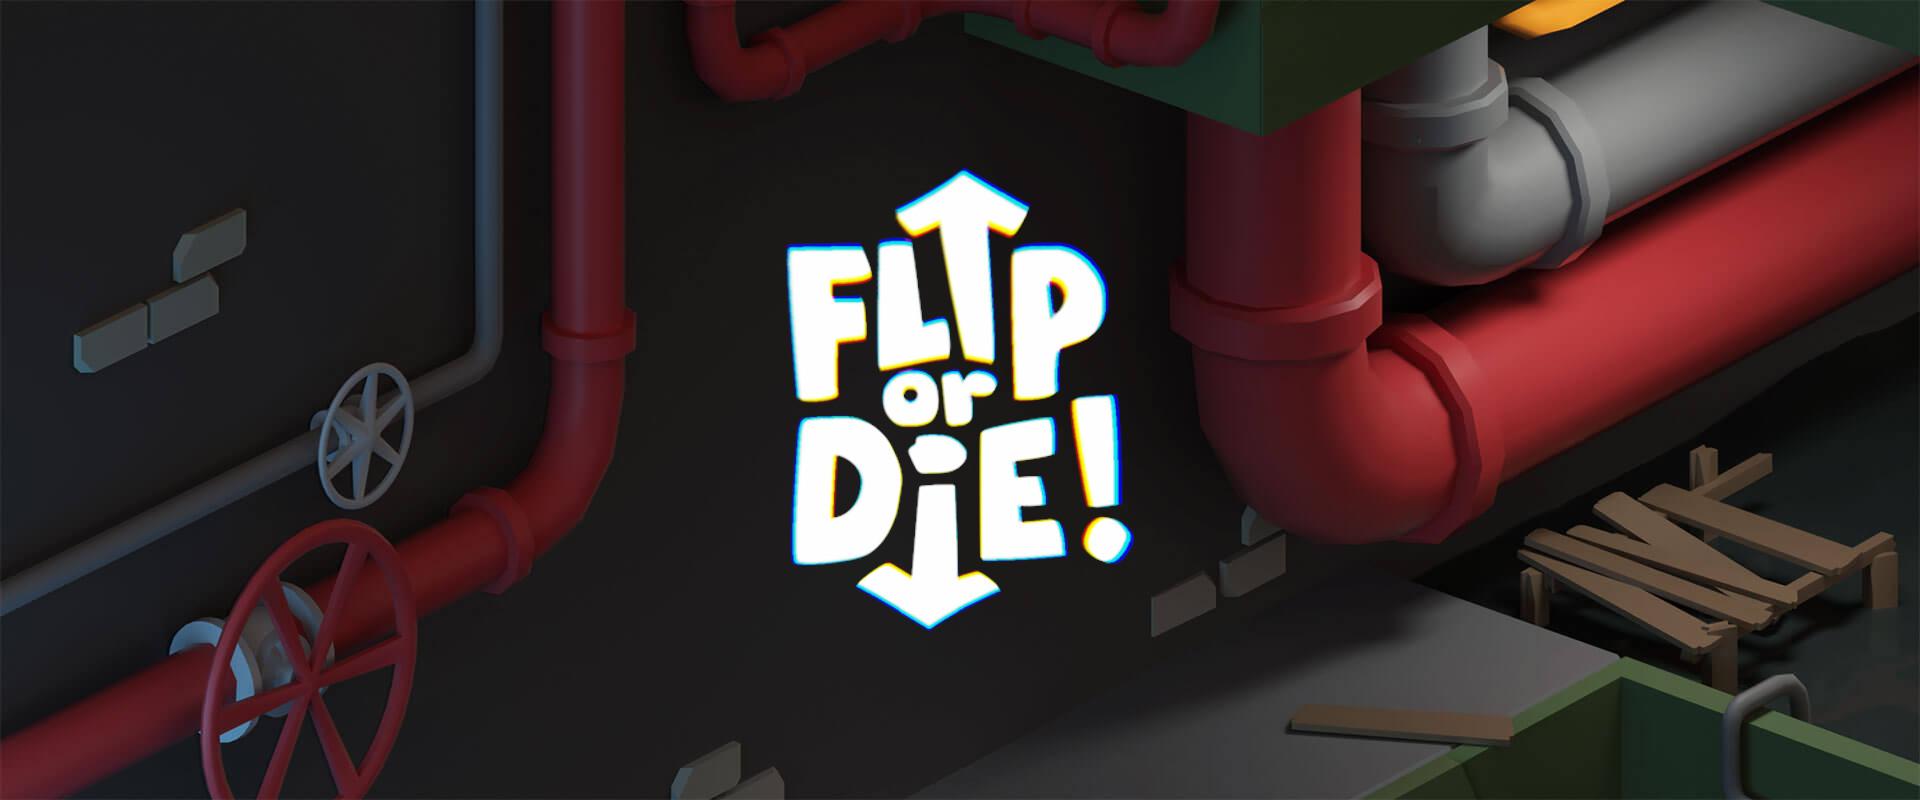 Flip Or Die!